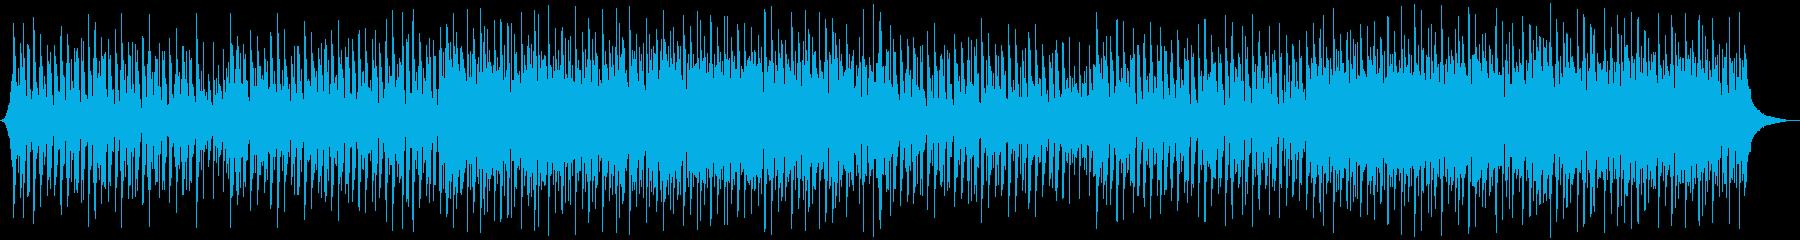 企業VP系54、シンプル、シンセ、爽快aの再生済みの波形